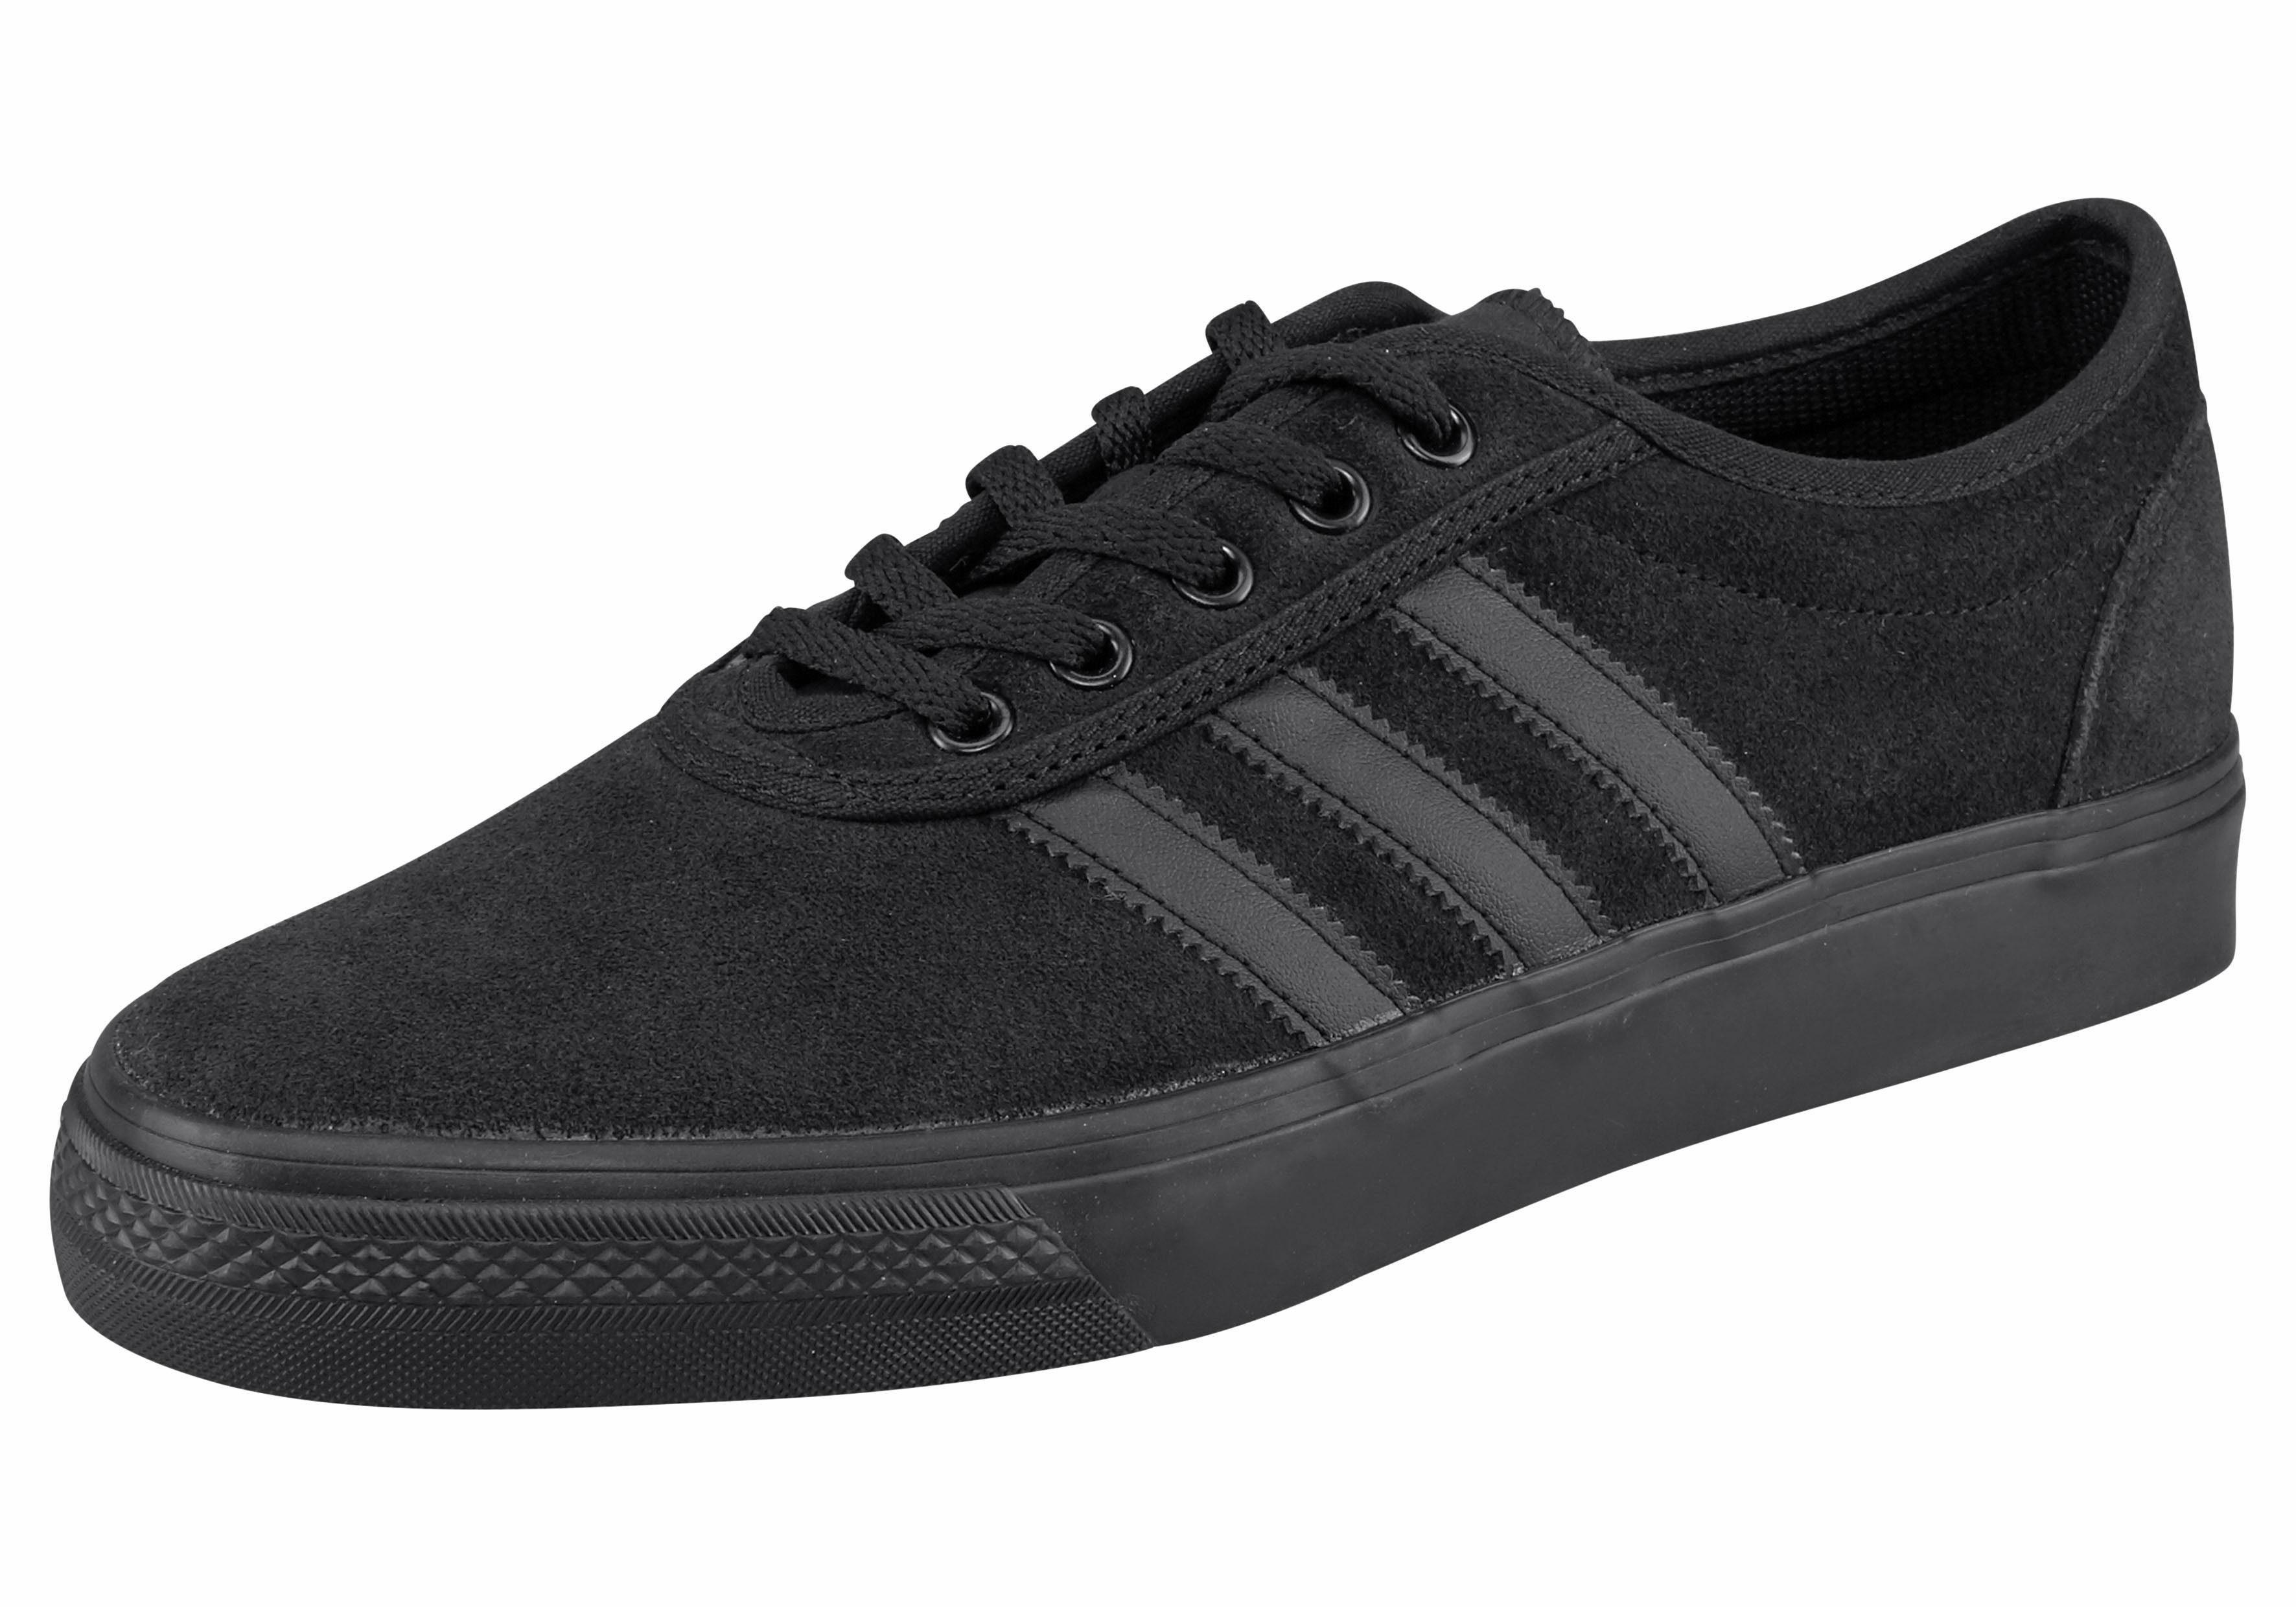 adidas Originals »Adi Ease« Sneaker, Klassischer Sneaker von adidas online kaufen | OTTO